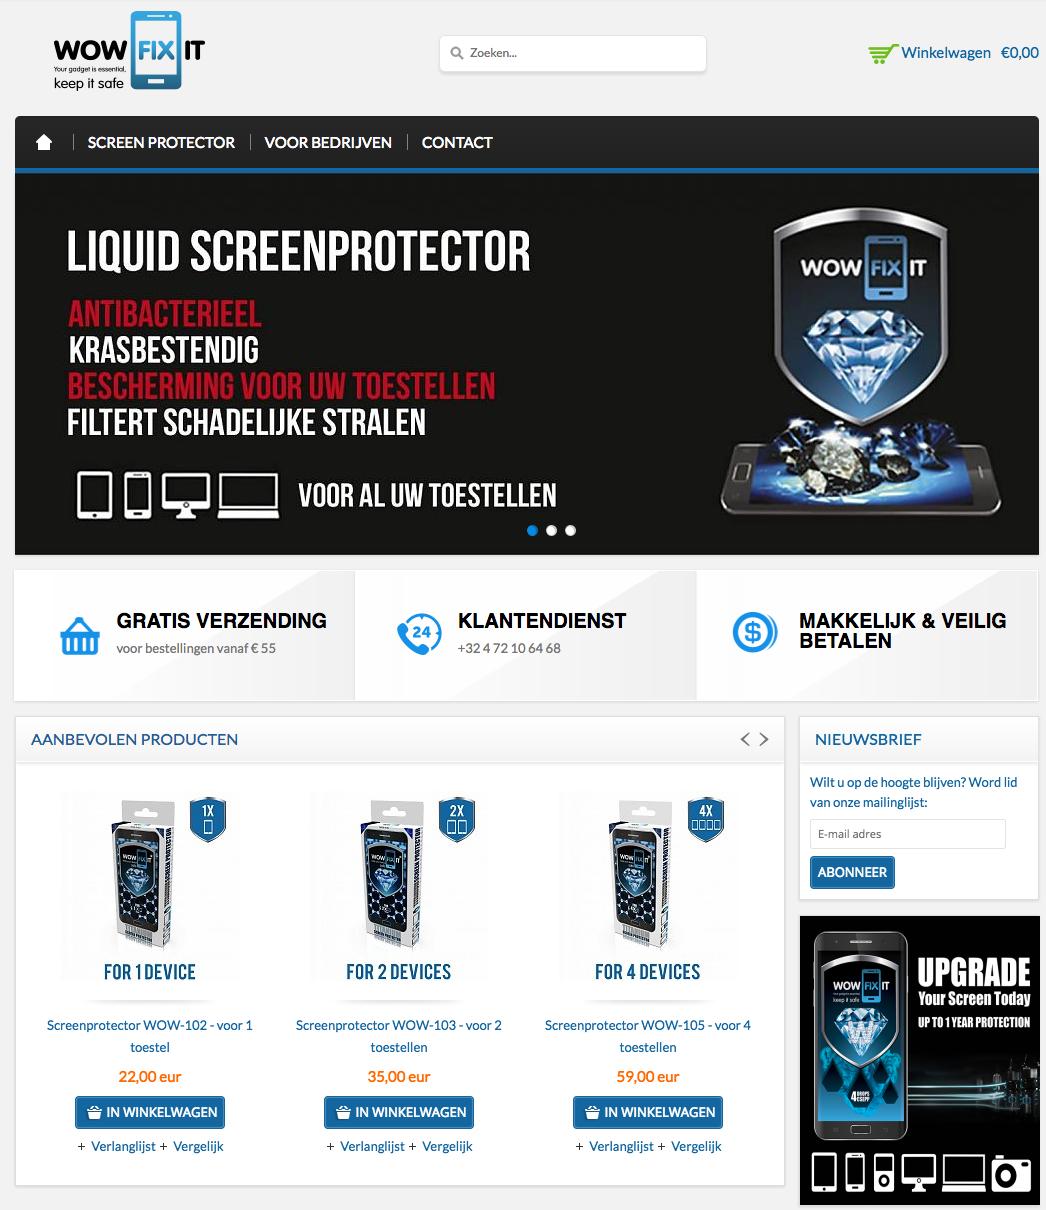 Lightspeed (SEOshop) e-commerce voor smartphone accessoires